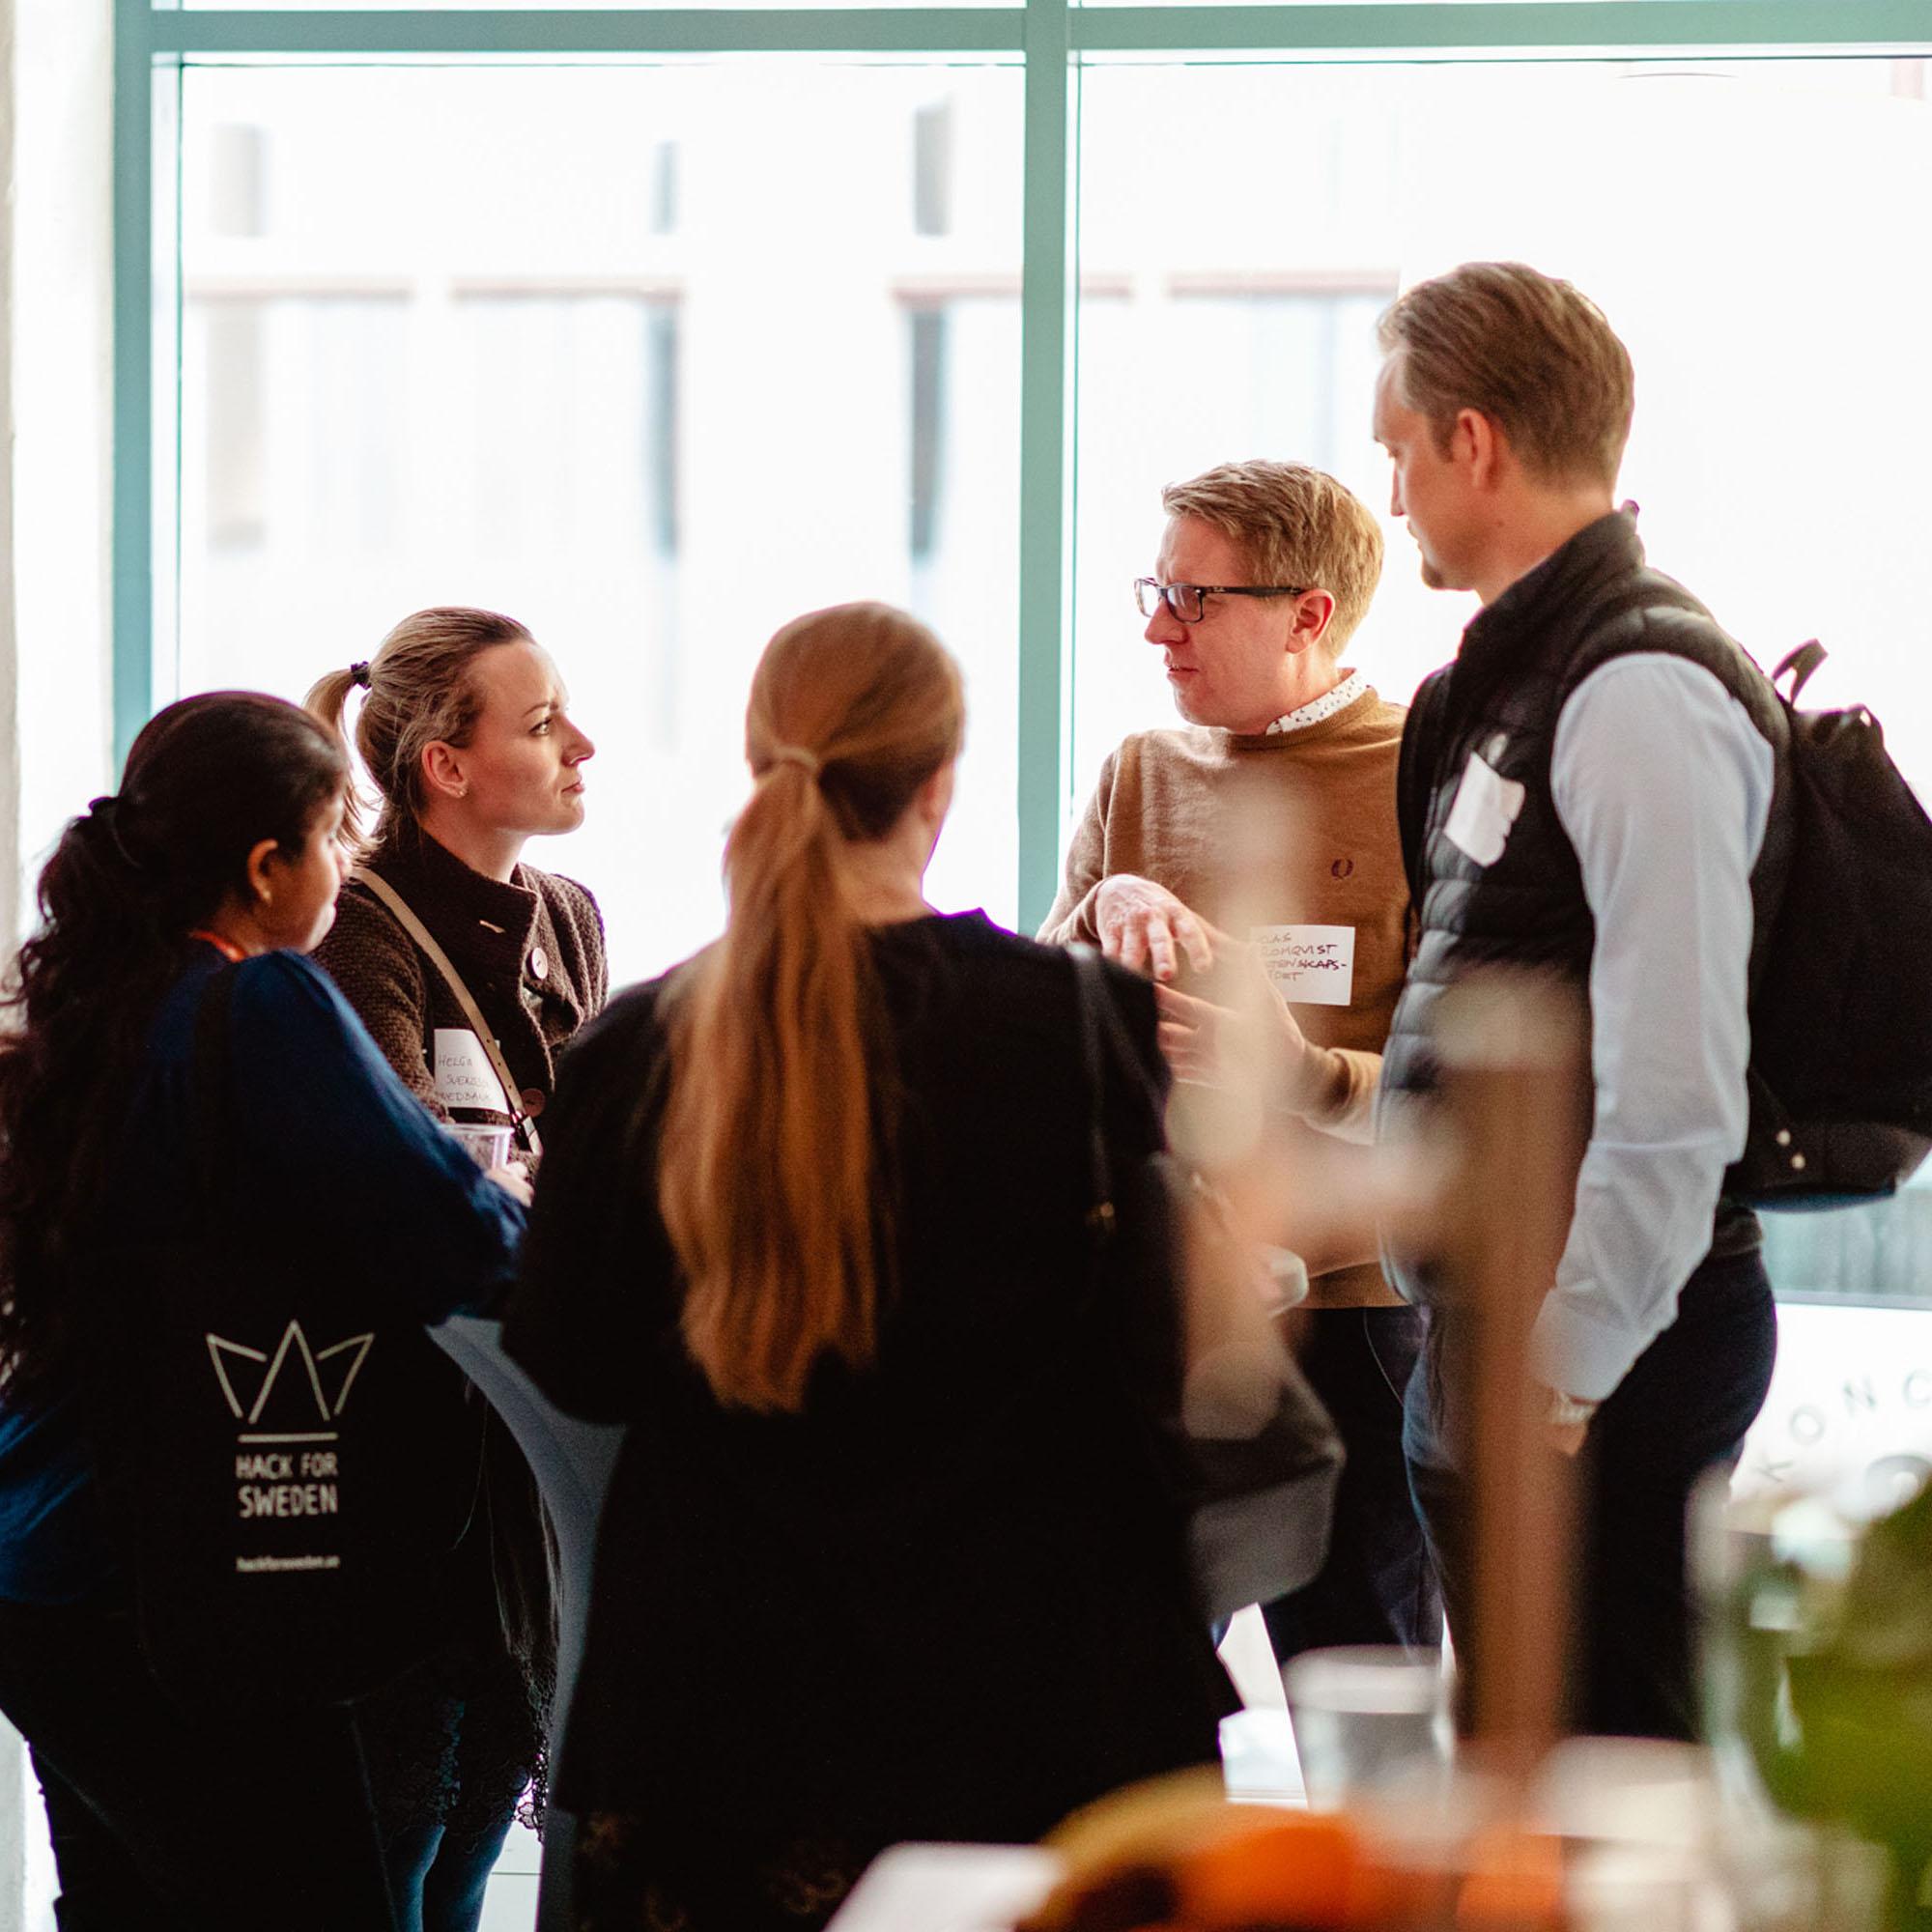 Hack for Sweden - Partner Meetup